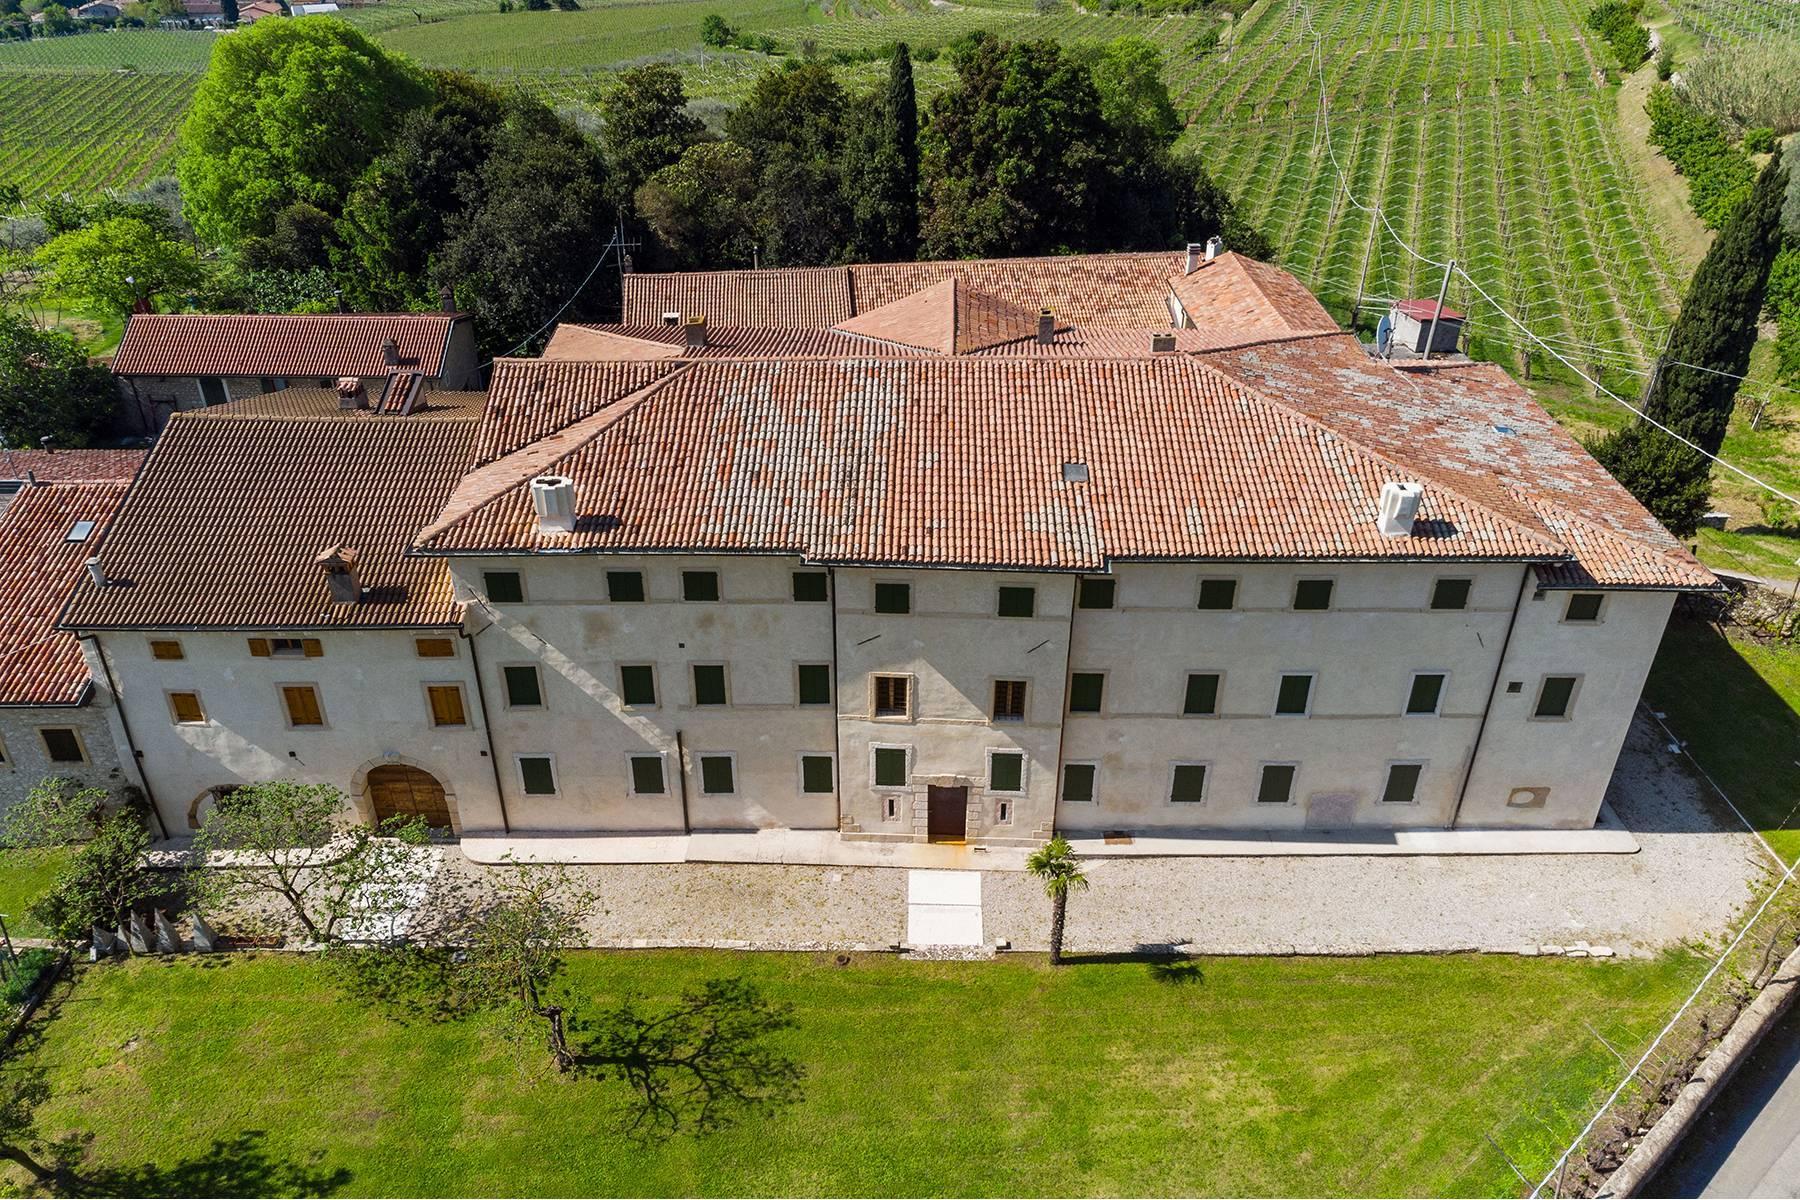 Historische Villa mit Park und prächtigem alten Keller, umgeben von Weinbergen - 5